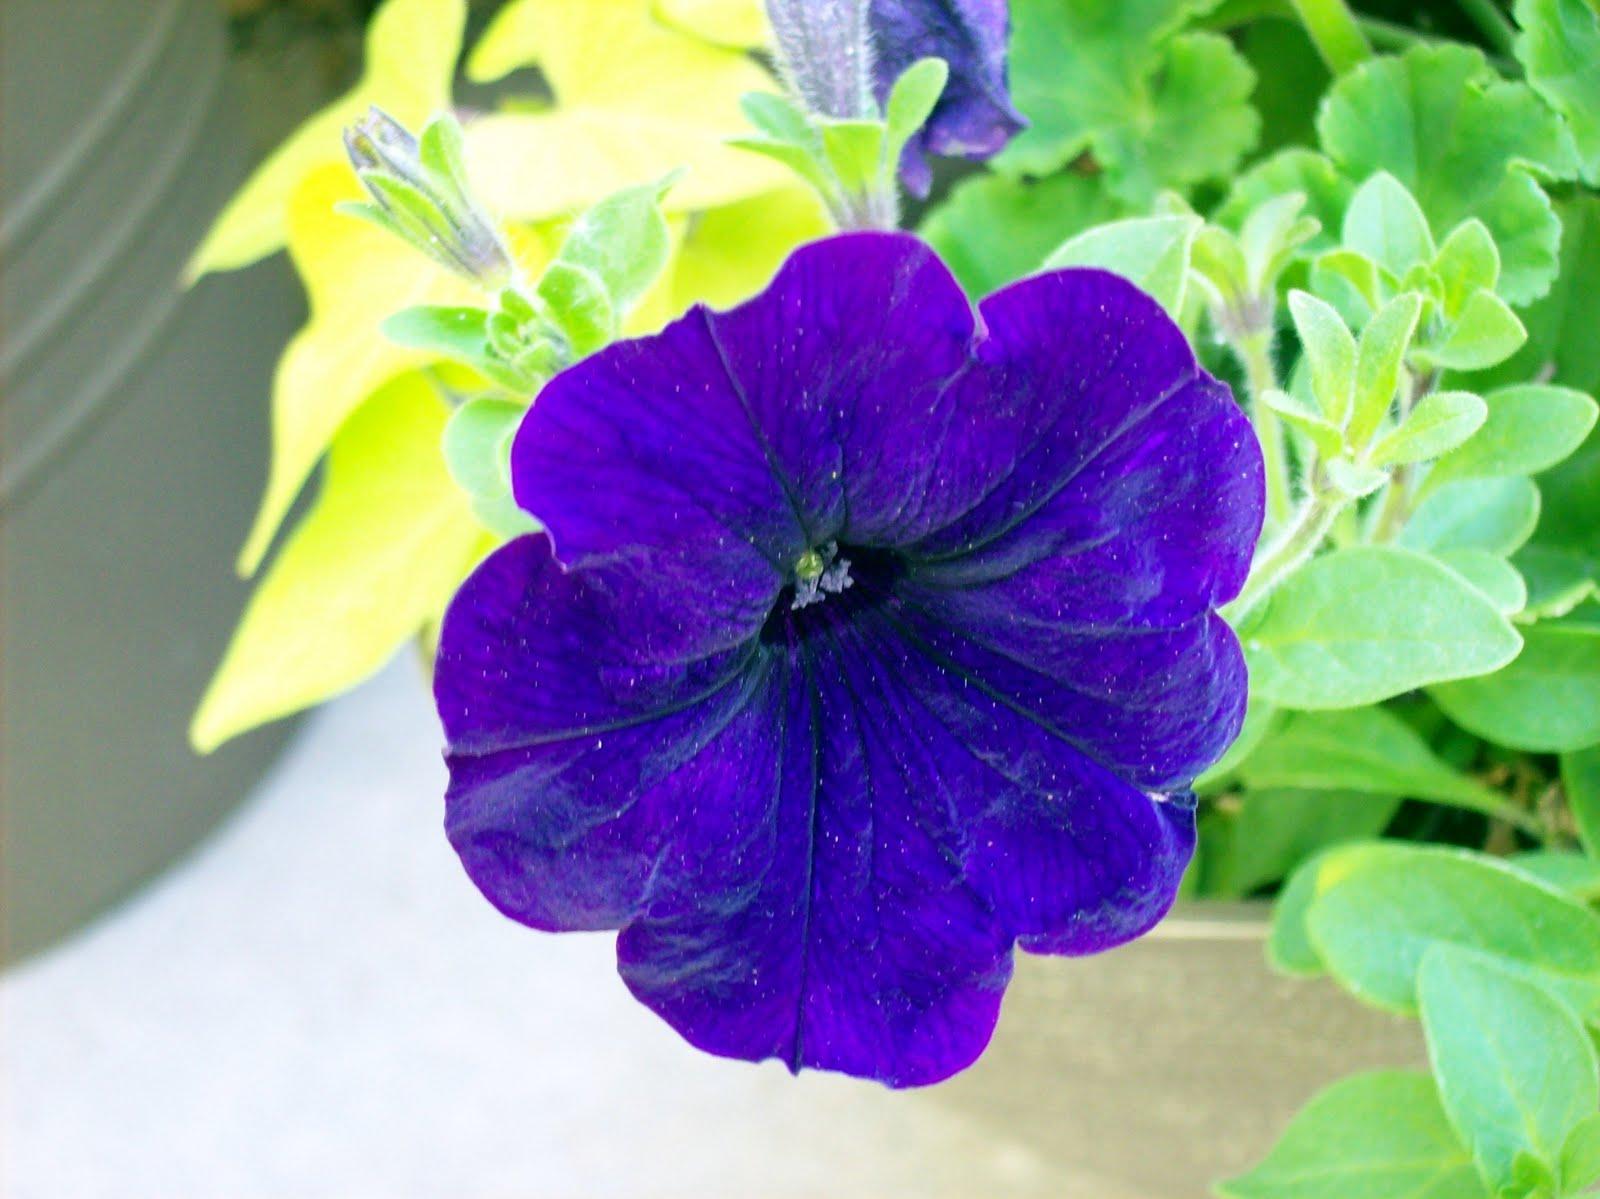 http://2.bp.blogspot.com/_2eSfnCtBHyw/TArfjeCsn6I/AAAAAAAAC5E/xPoYEVjMT78/s1600/2010+Flower+Pr0n+026.jpg